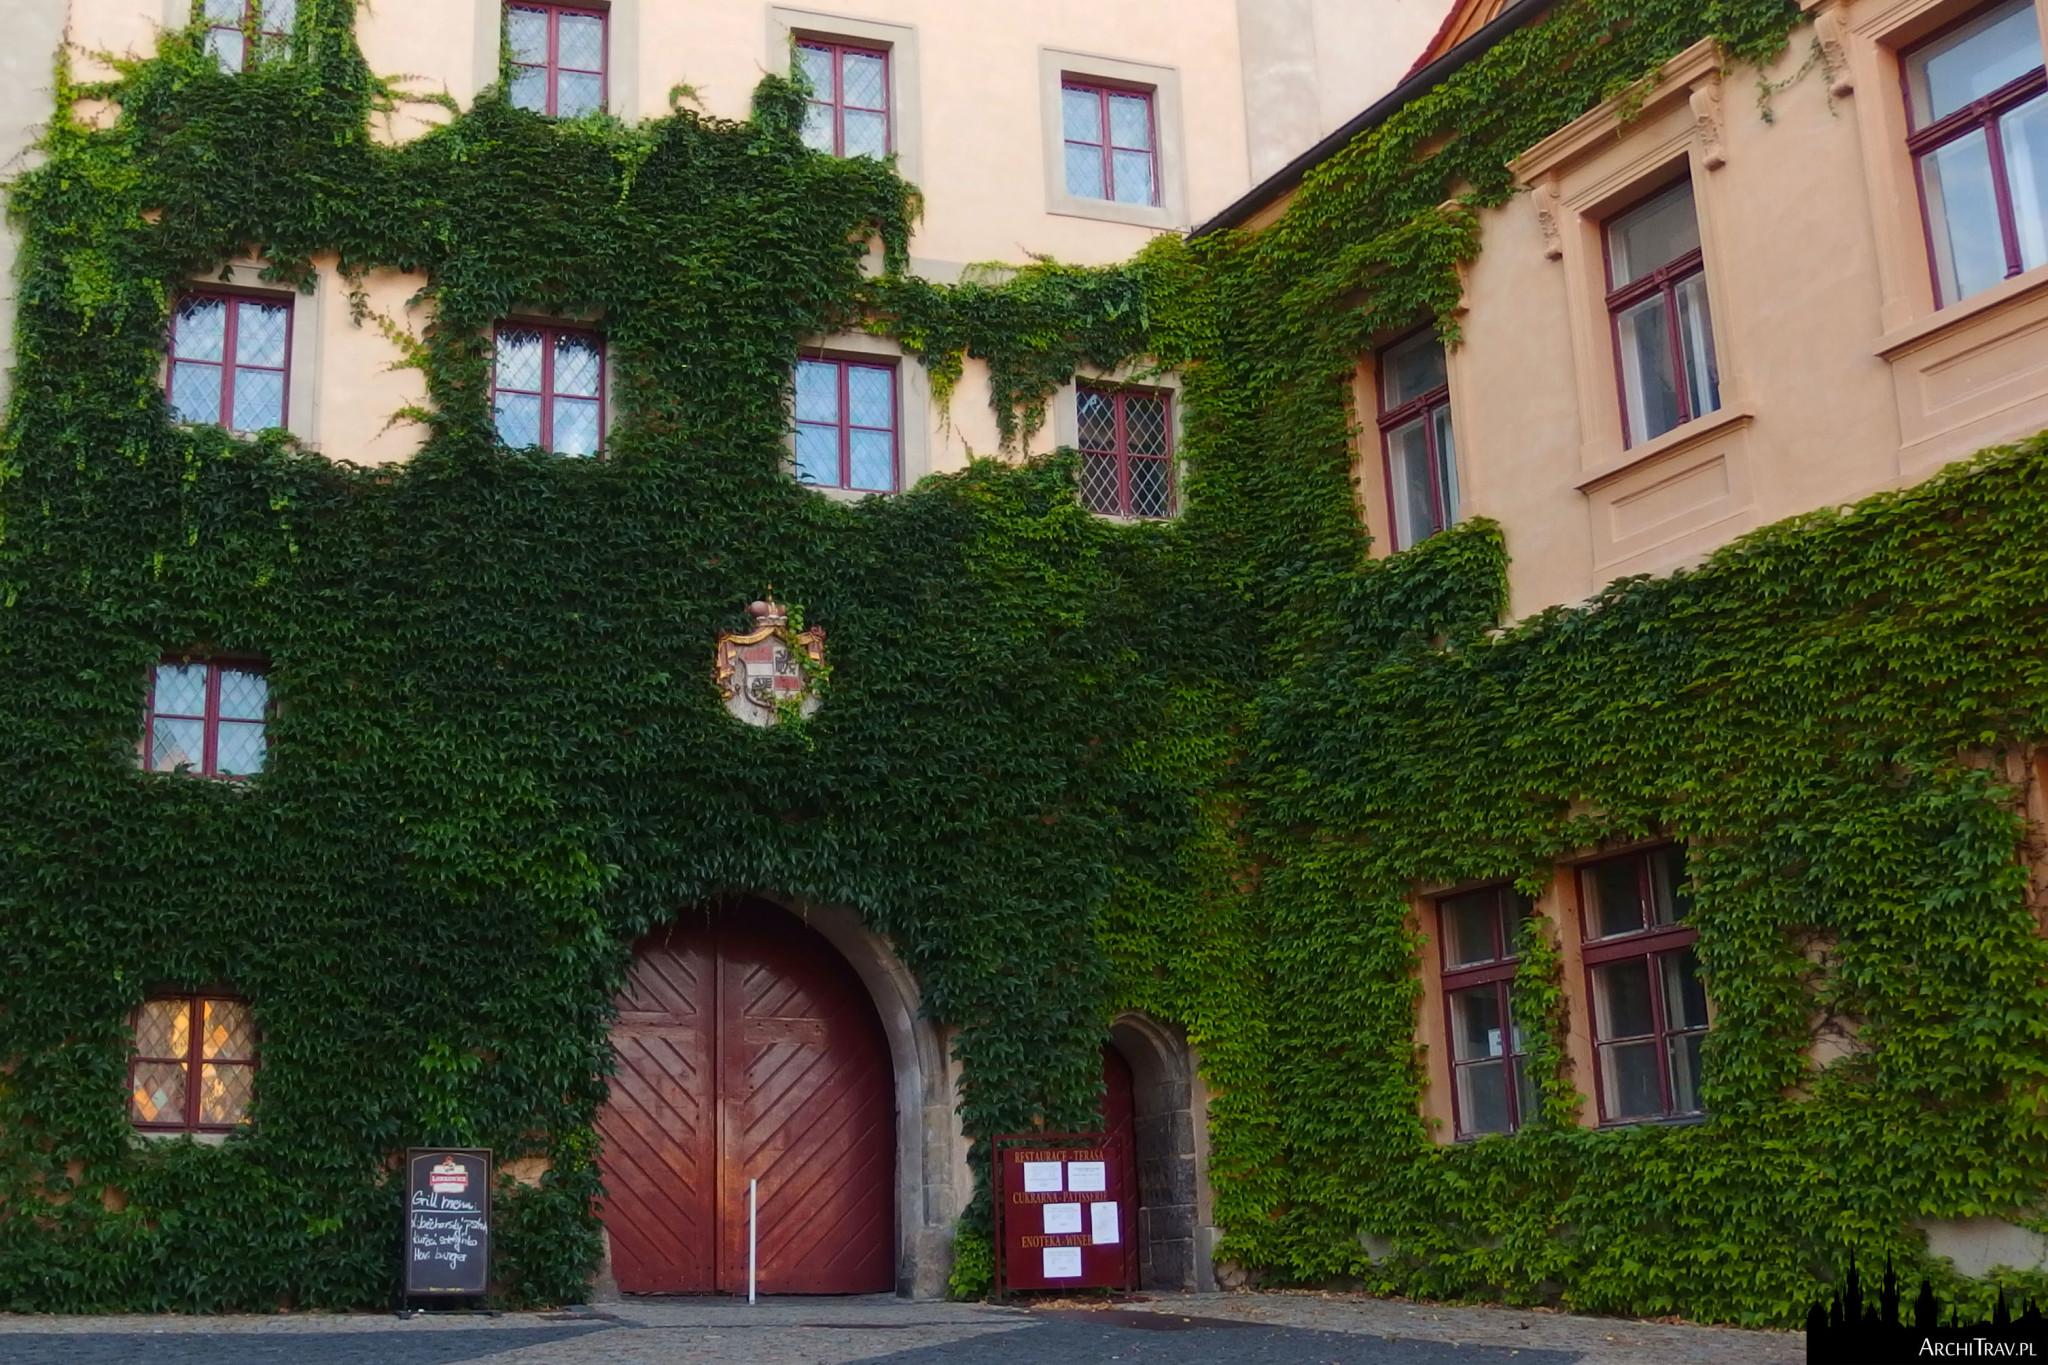 zamek w Mielniku z zewnątrz - fasady obrośnięte bluszczem